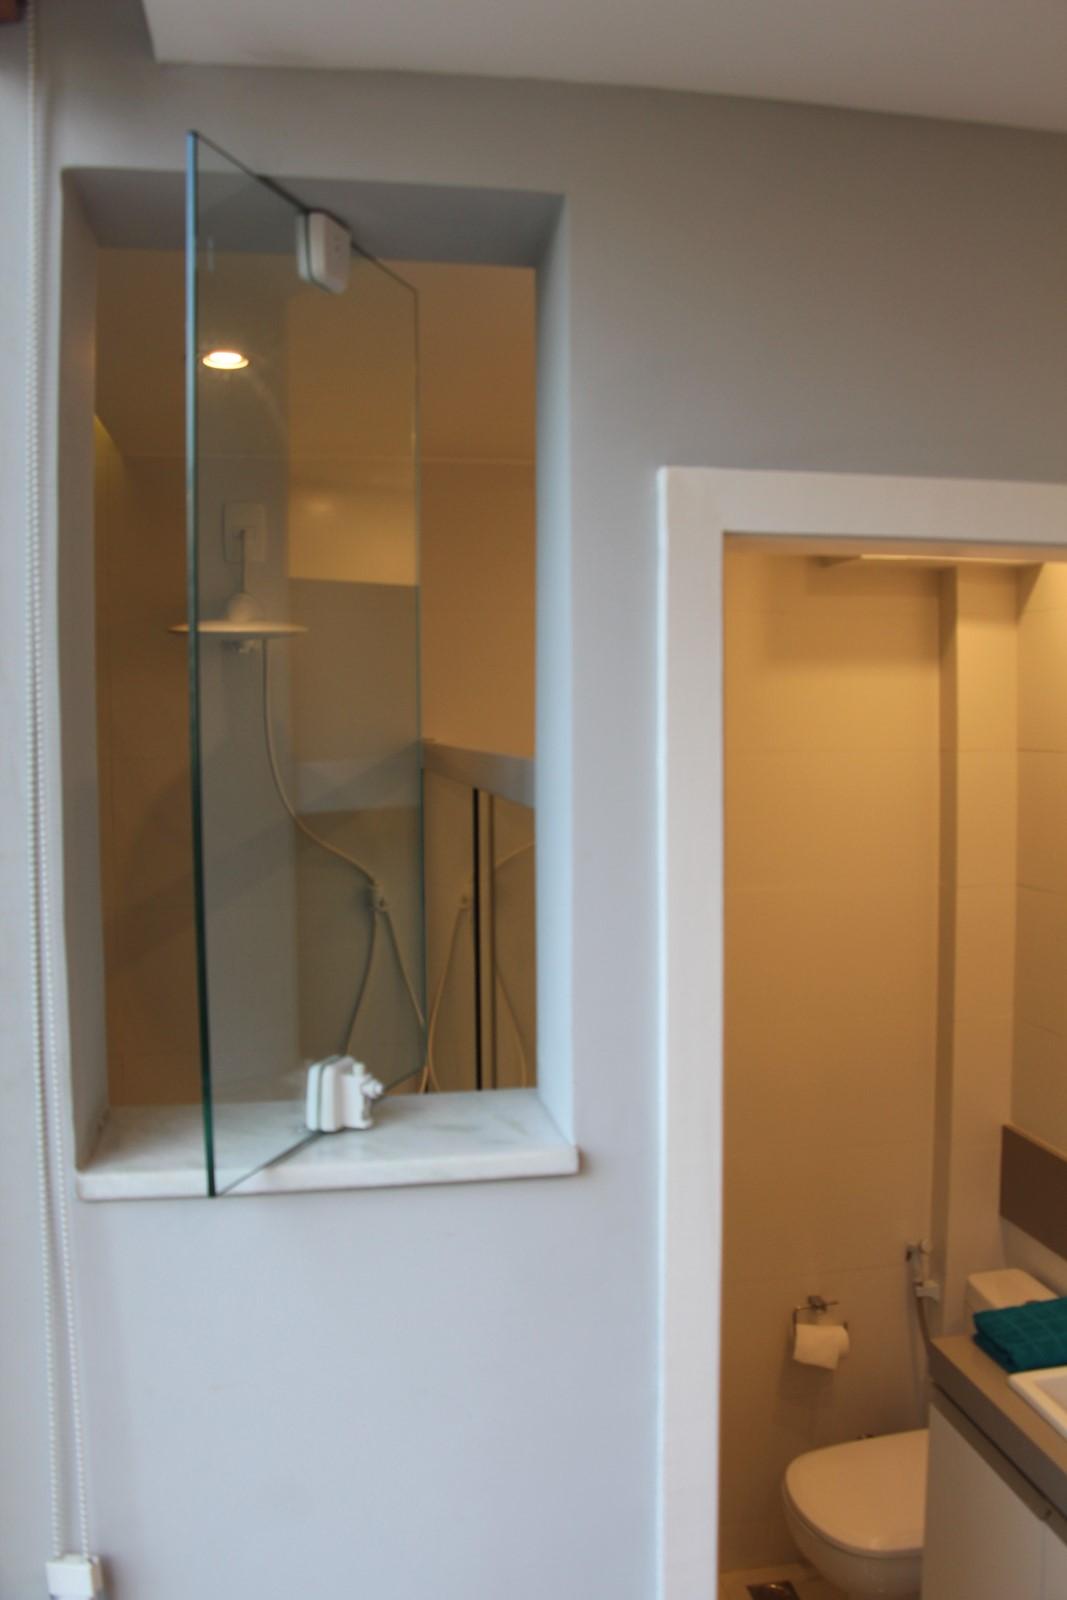 janela pivotante do banheiro #956A36 1067 1600